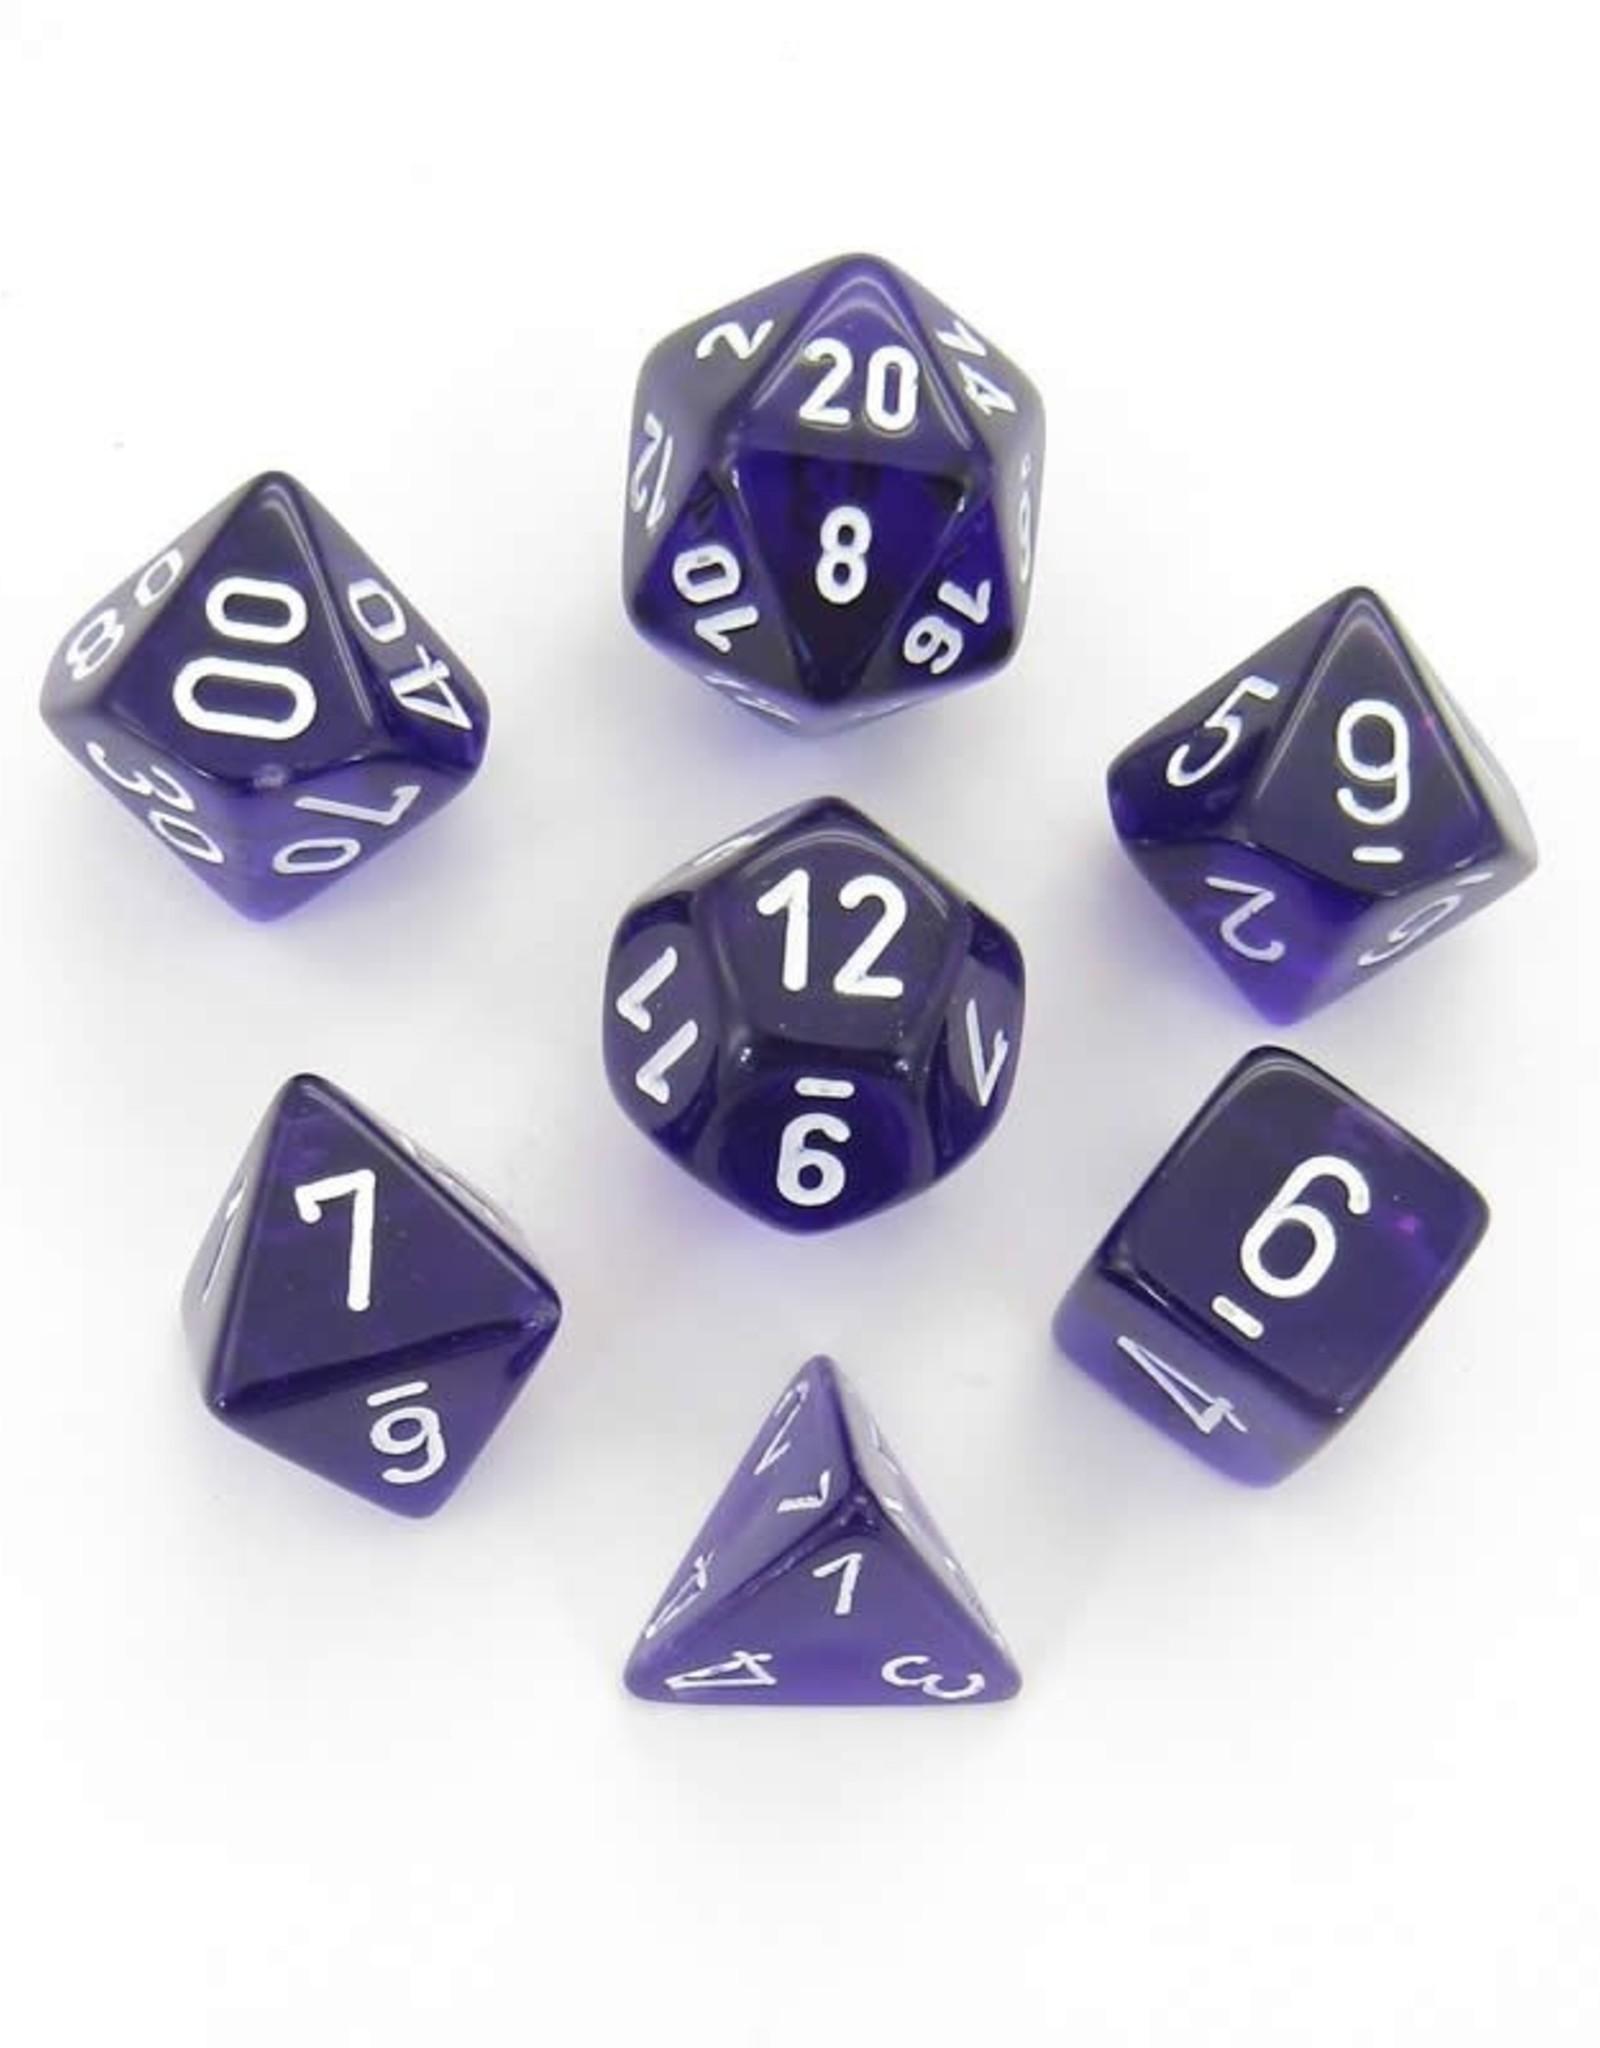 Chessex Chessex 7-Die set Translucent - Purple/White